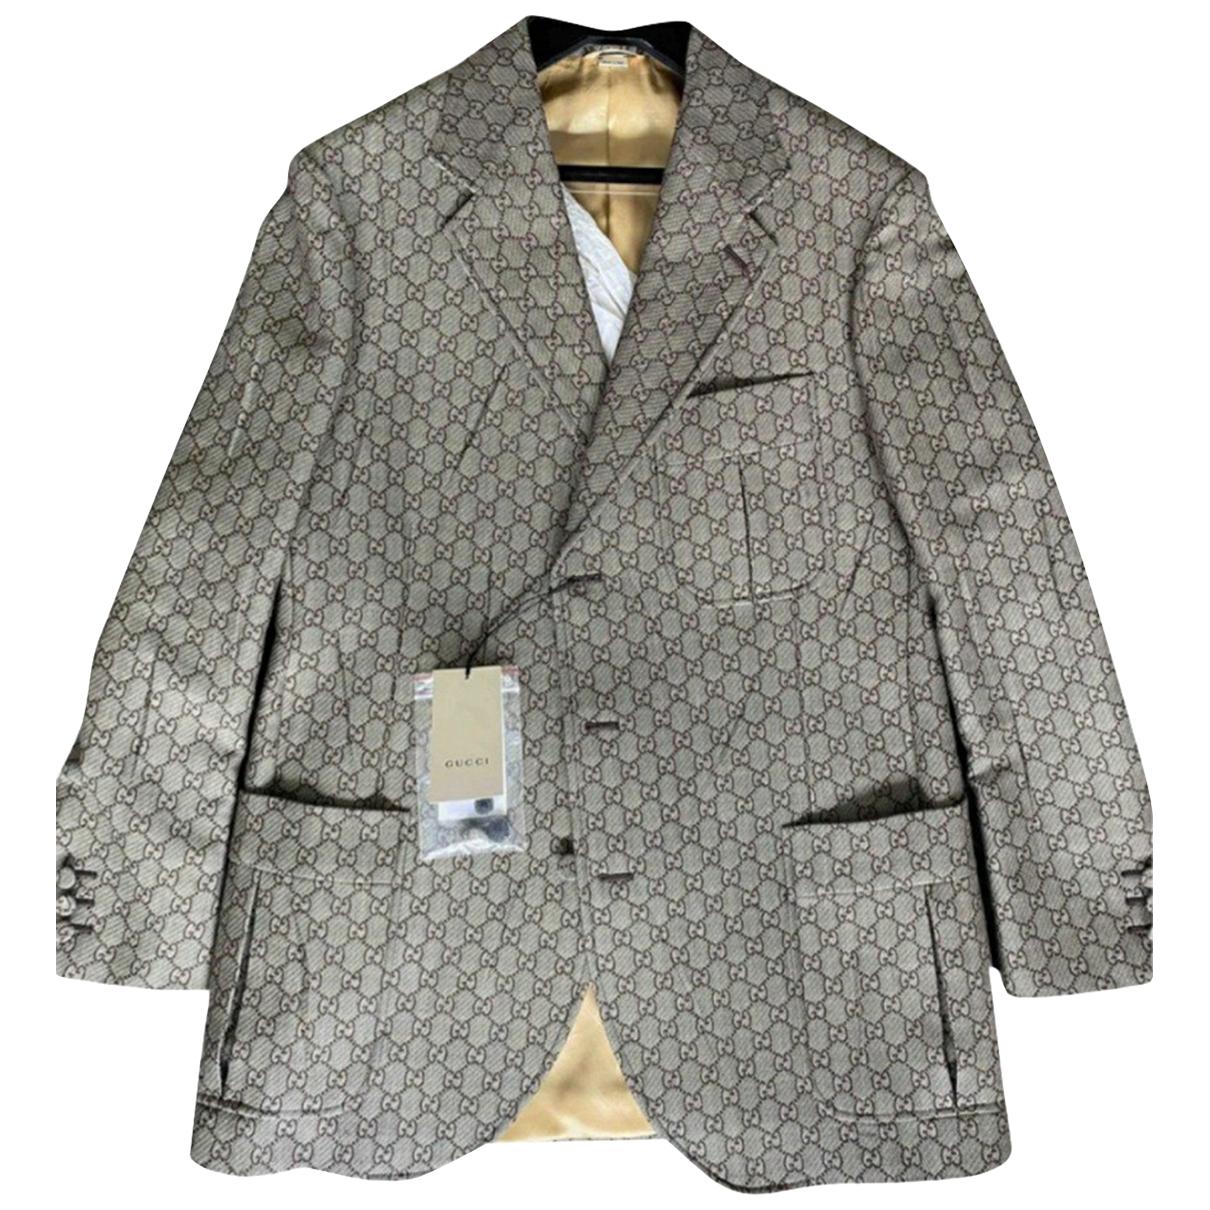 Gucci - Vestes.Blousons   pour homme en coton - multicolore